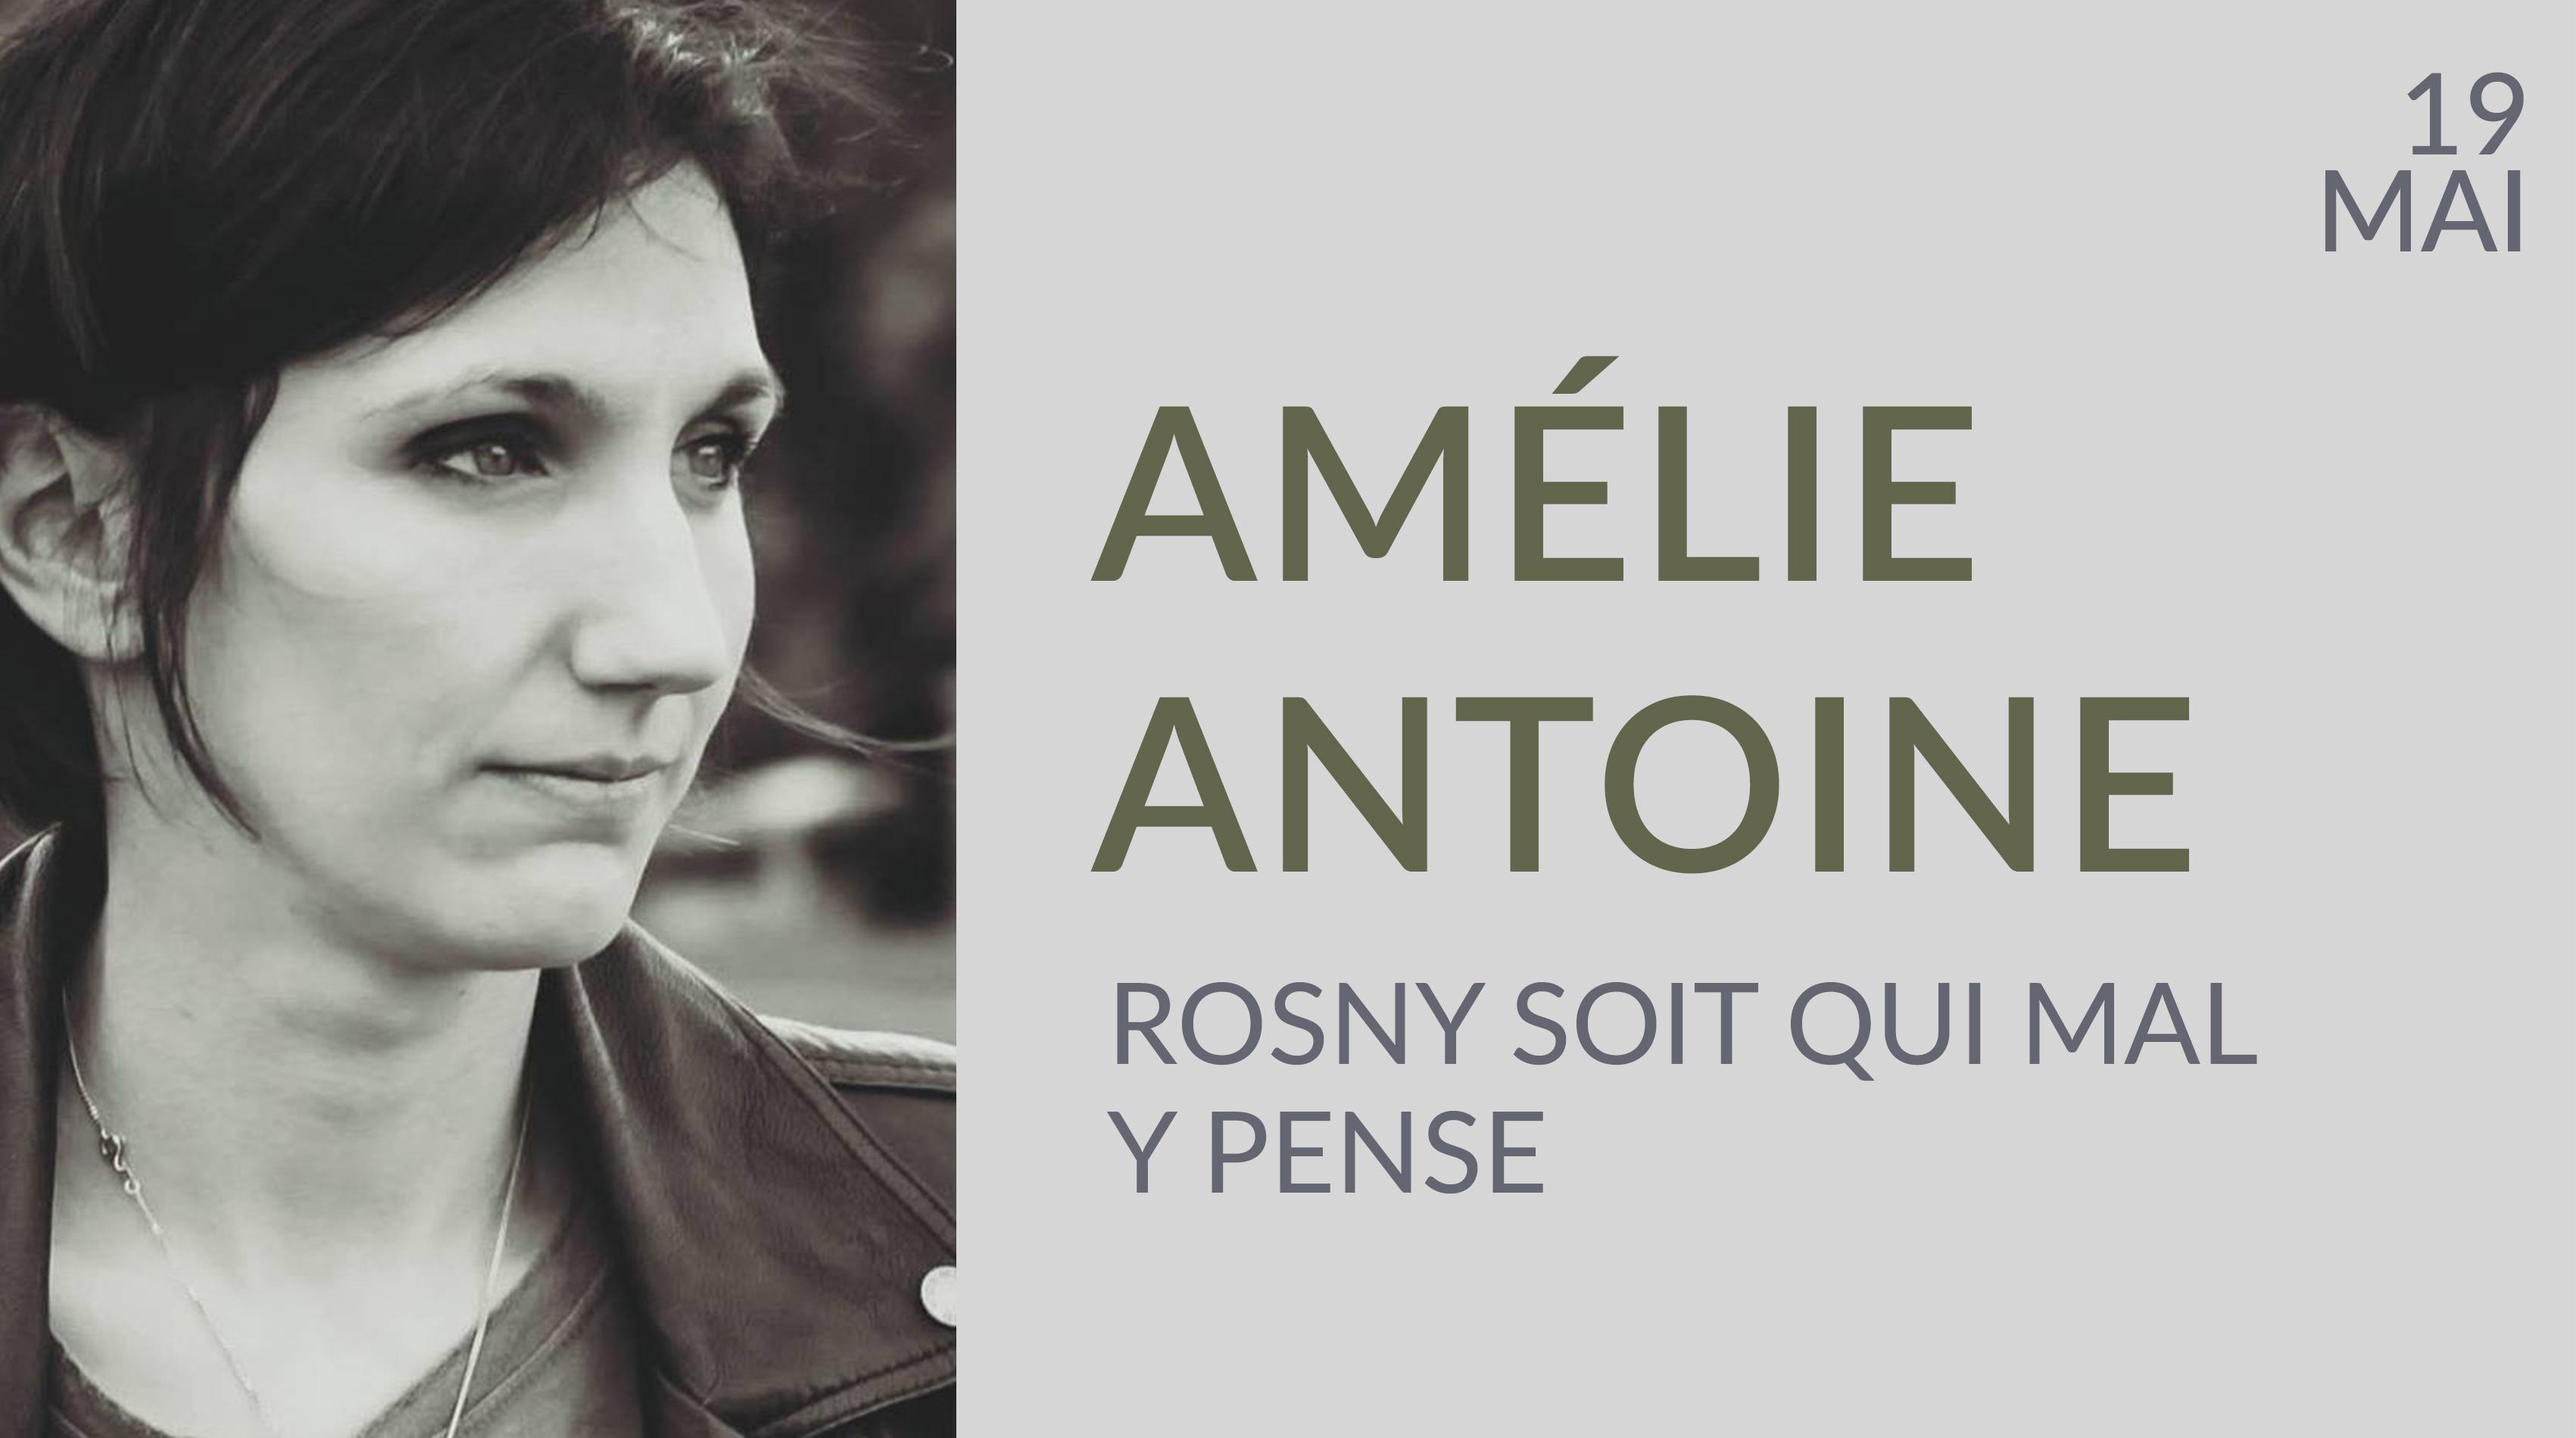 AMÉLIE ANTOINE À ROSNY